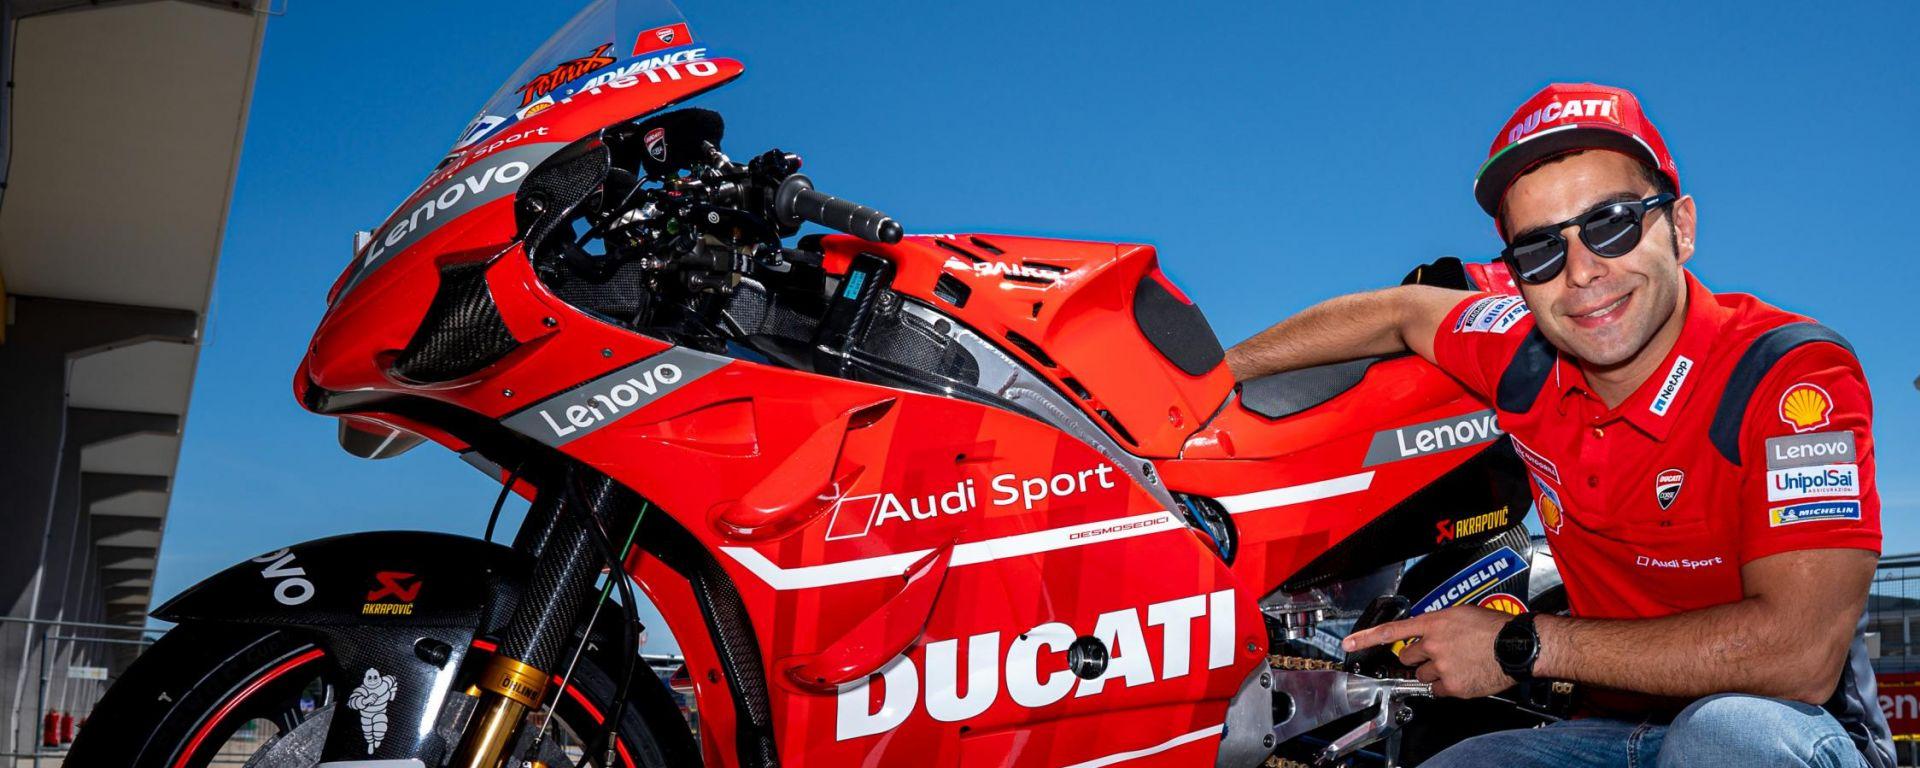 Danilo Petrucci e la Ducati Desmosedici GP-19